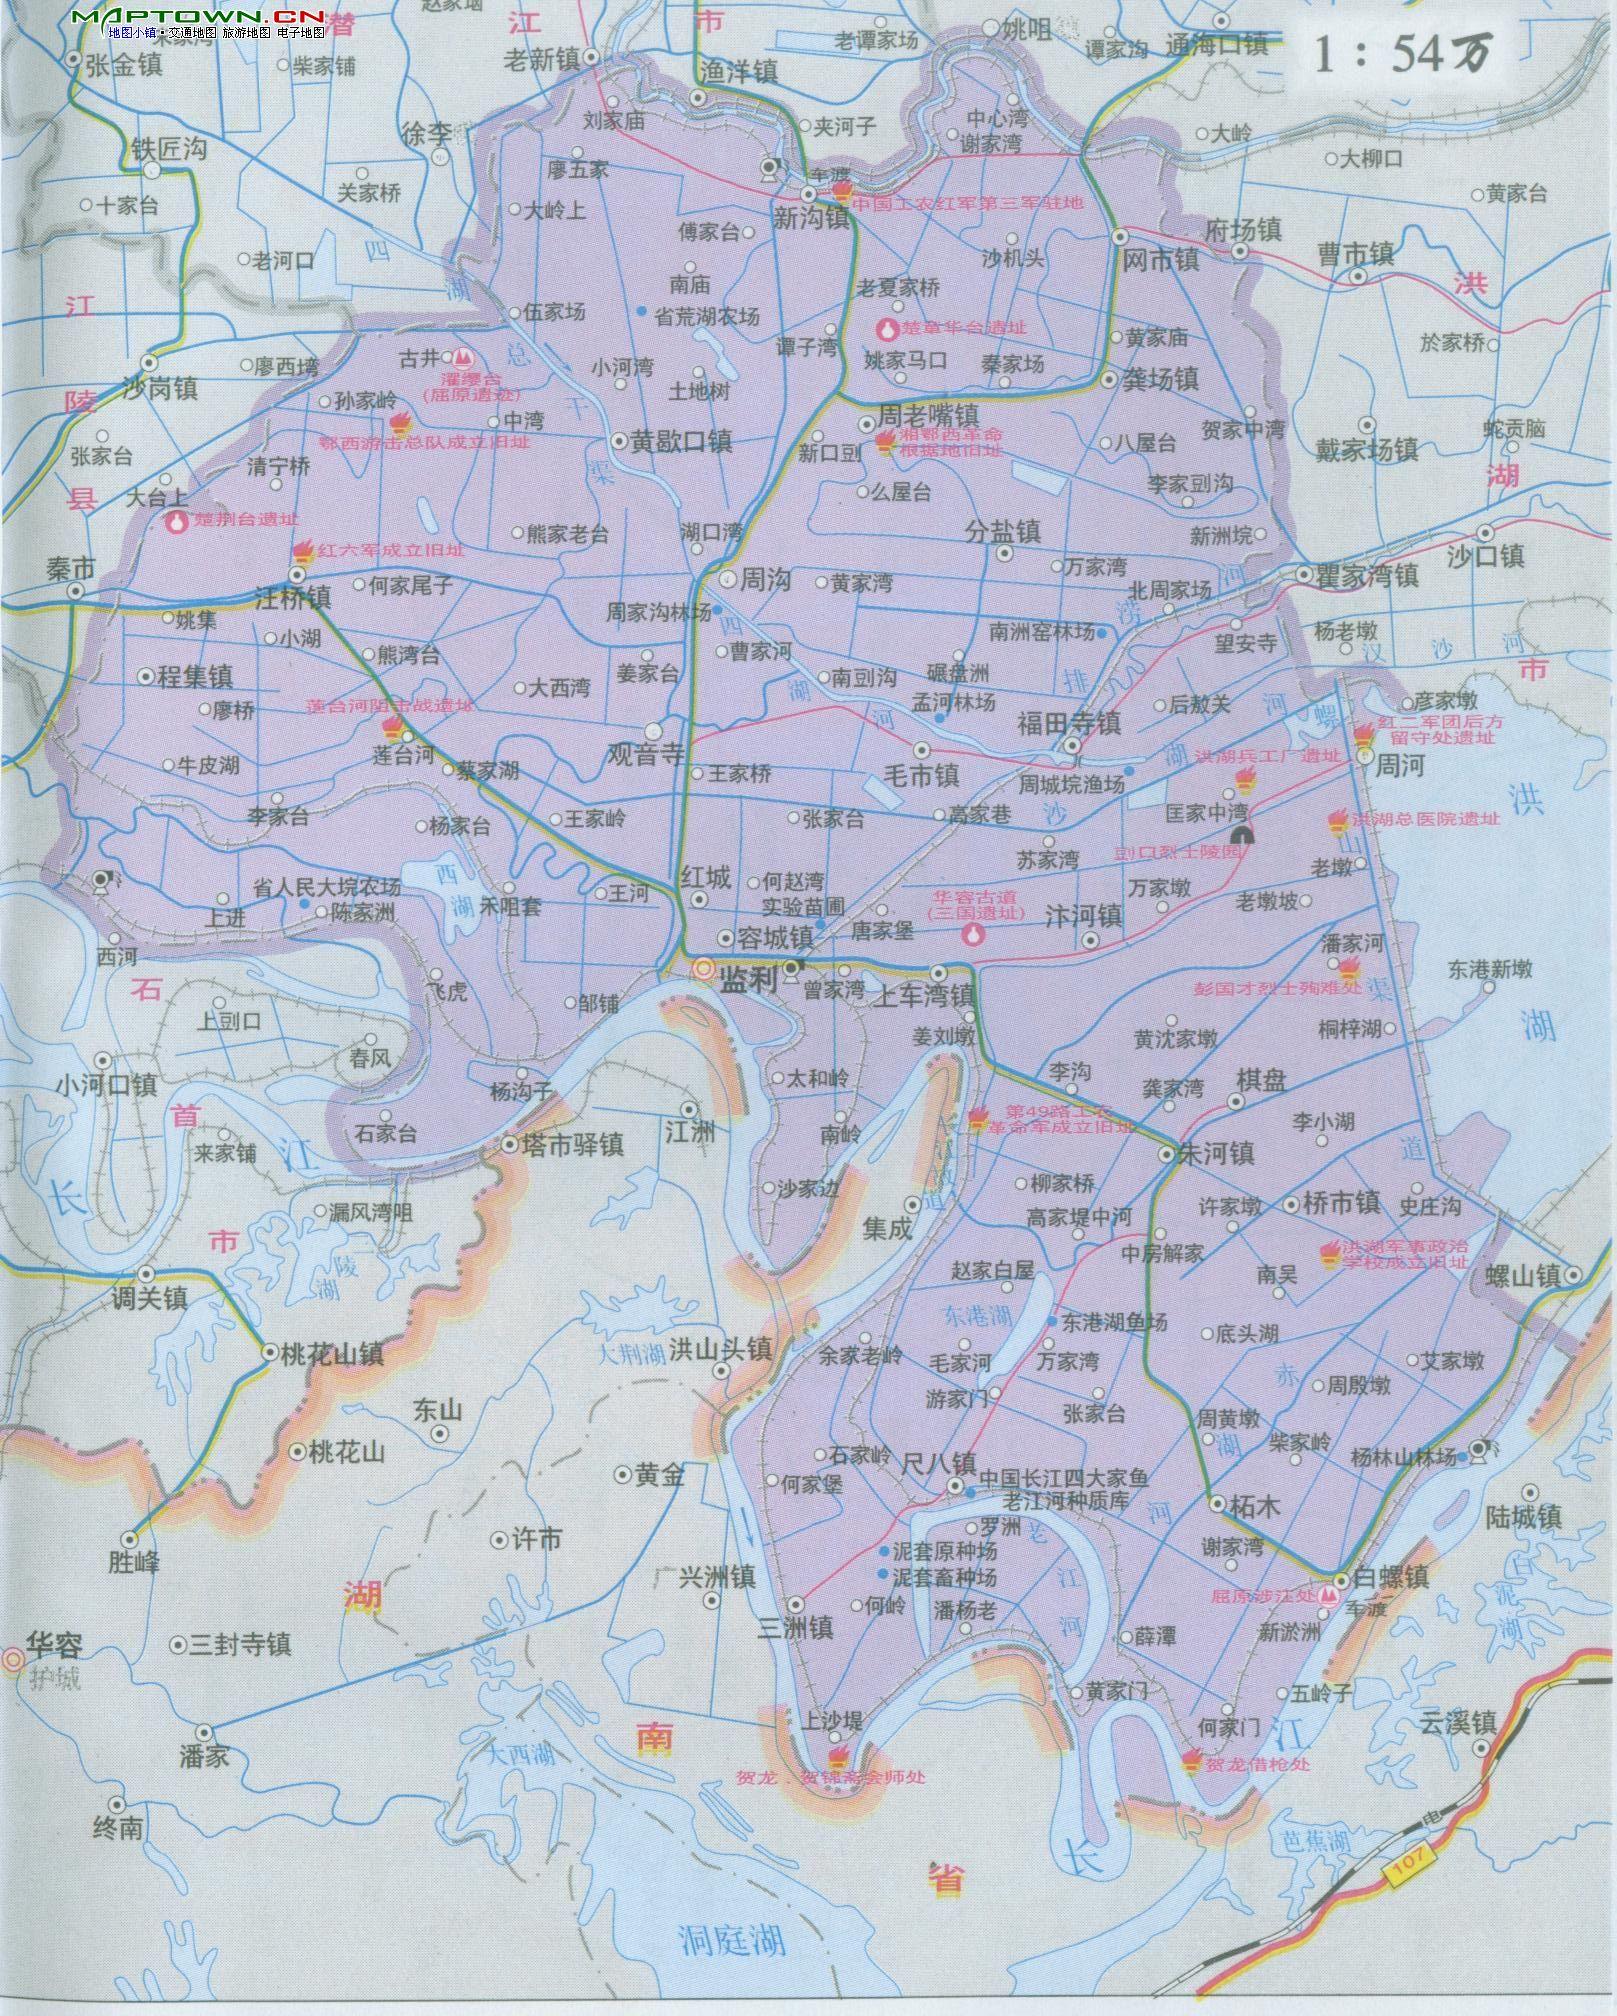 布达拉特旗地图